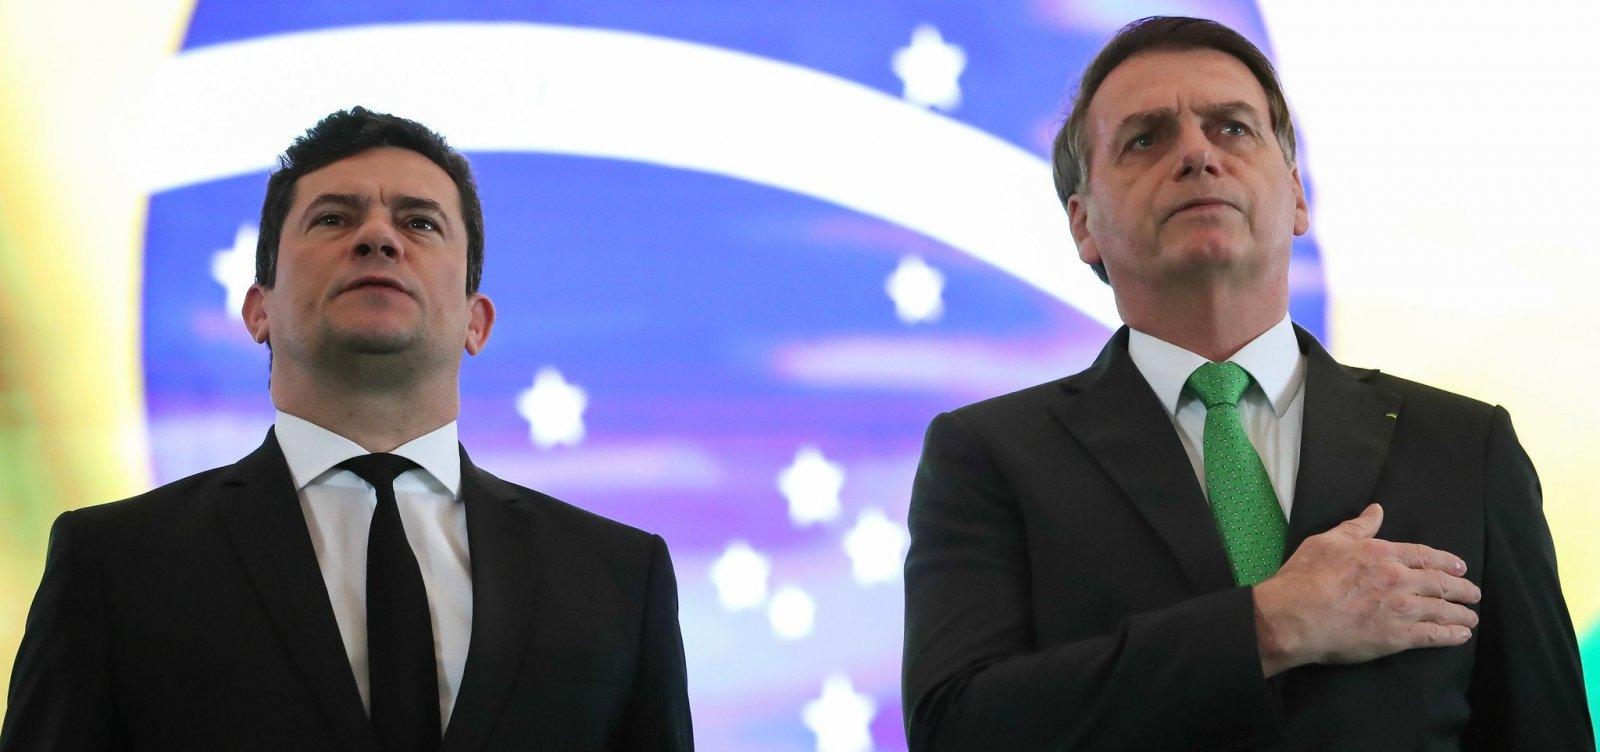 'Decisão do STF deve ser respeitada, mas pode ser alterada', diz Sérgio Moro